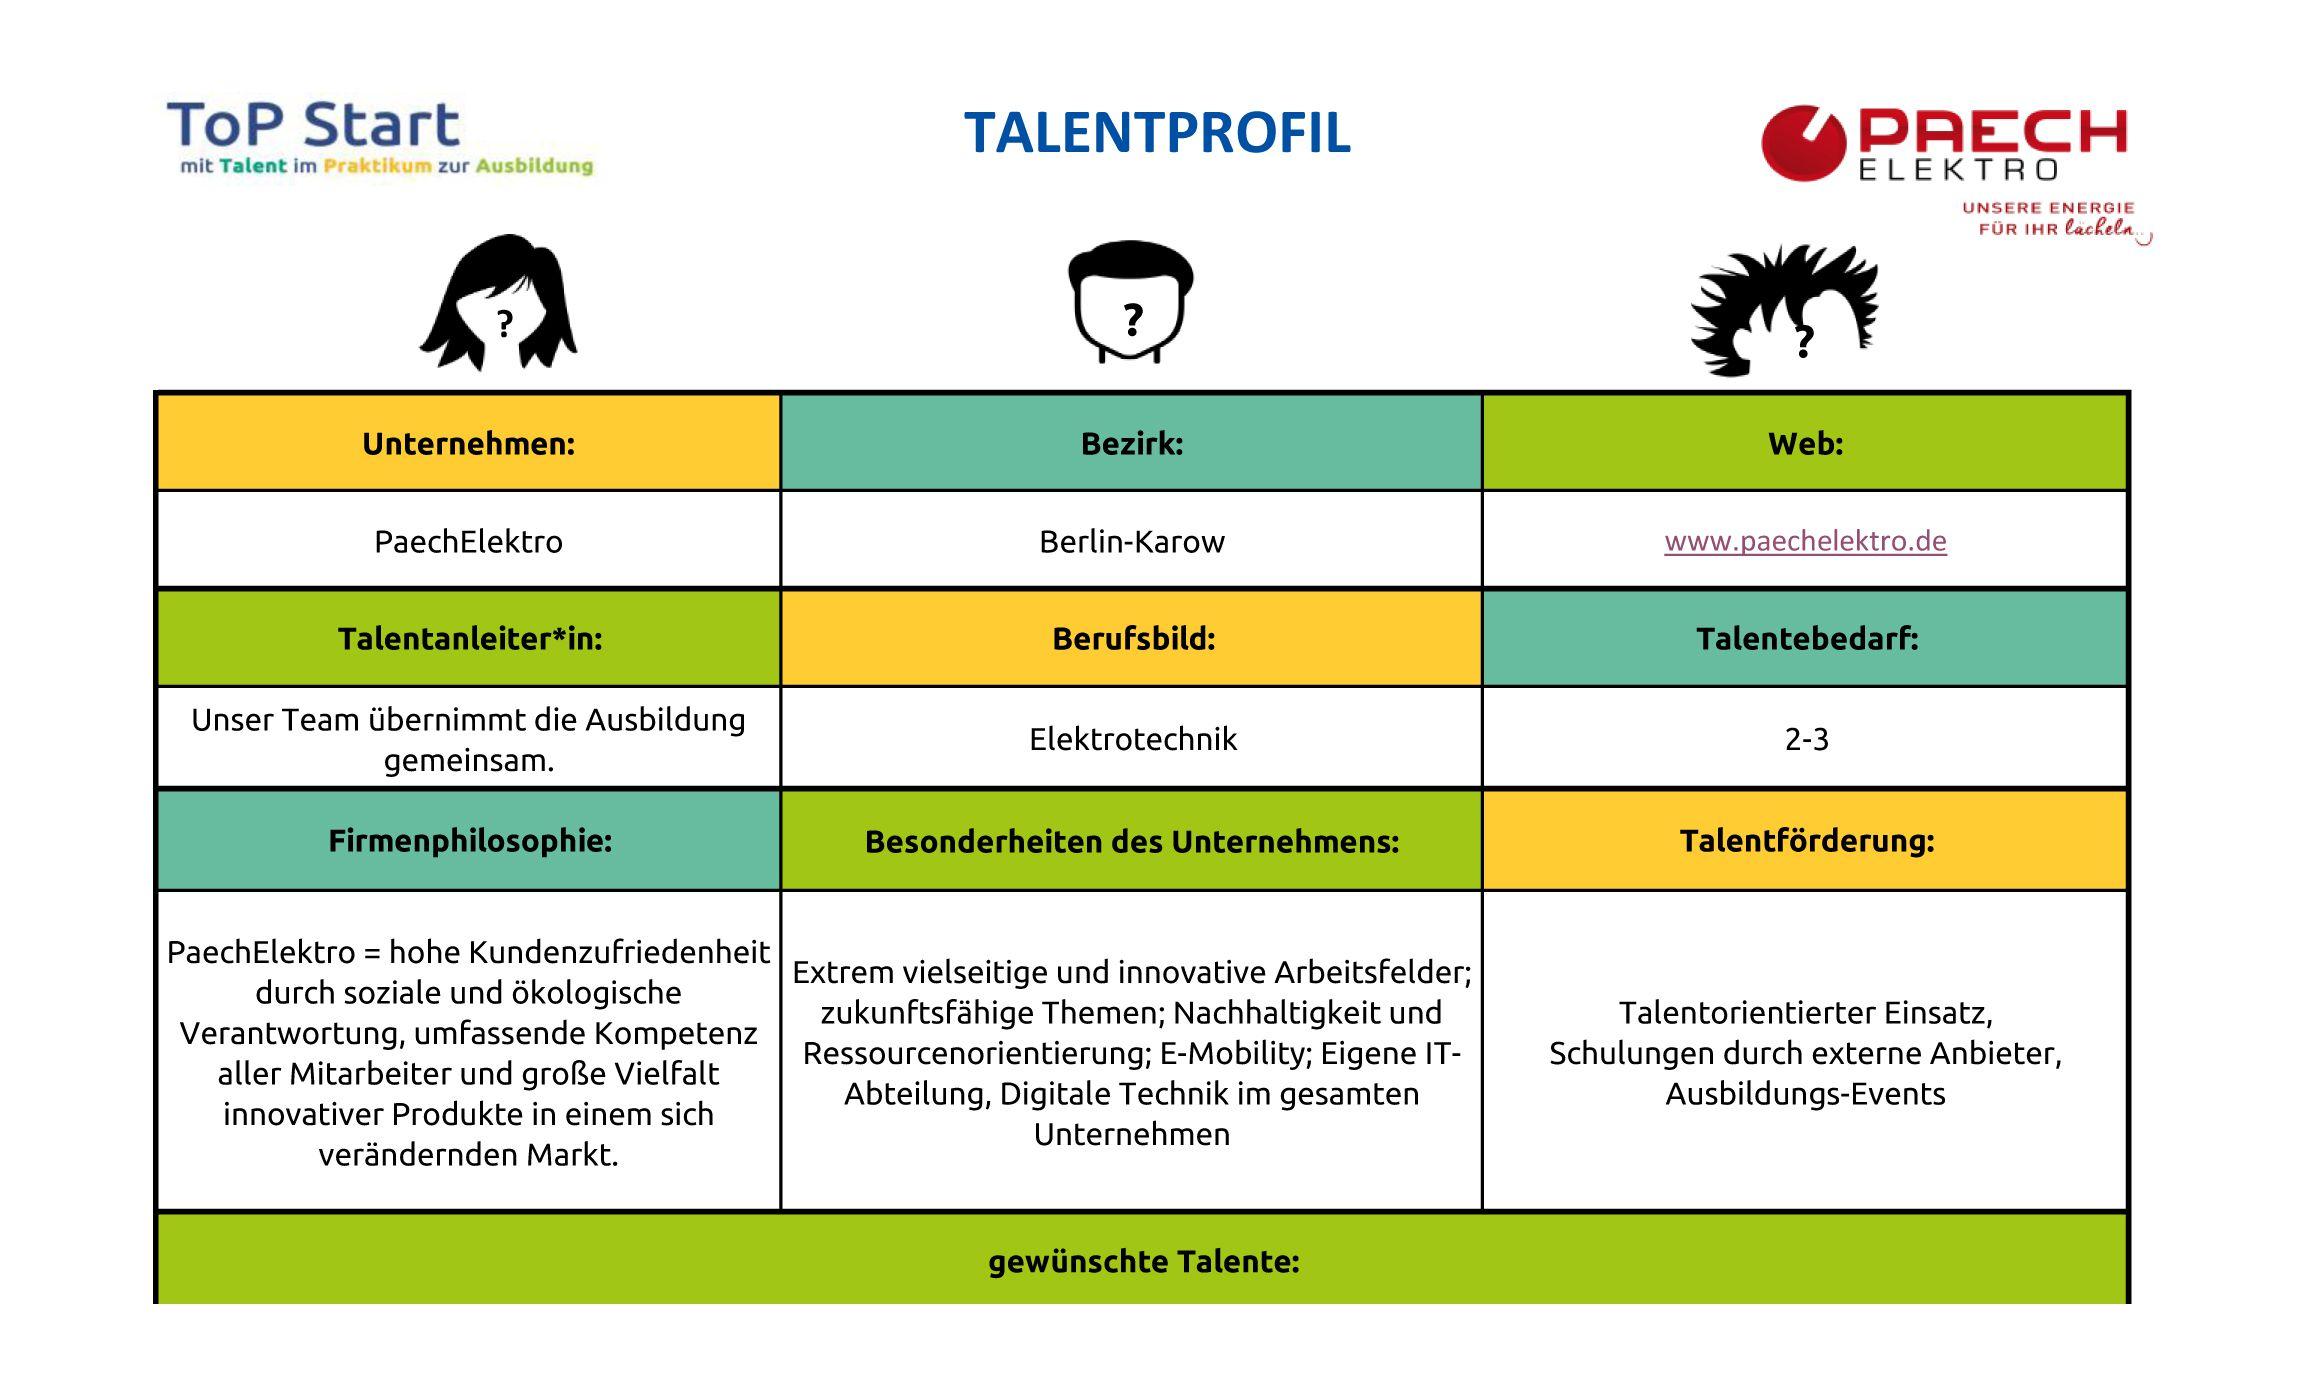 Talentprofil